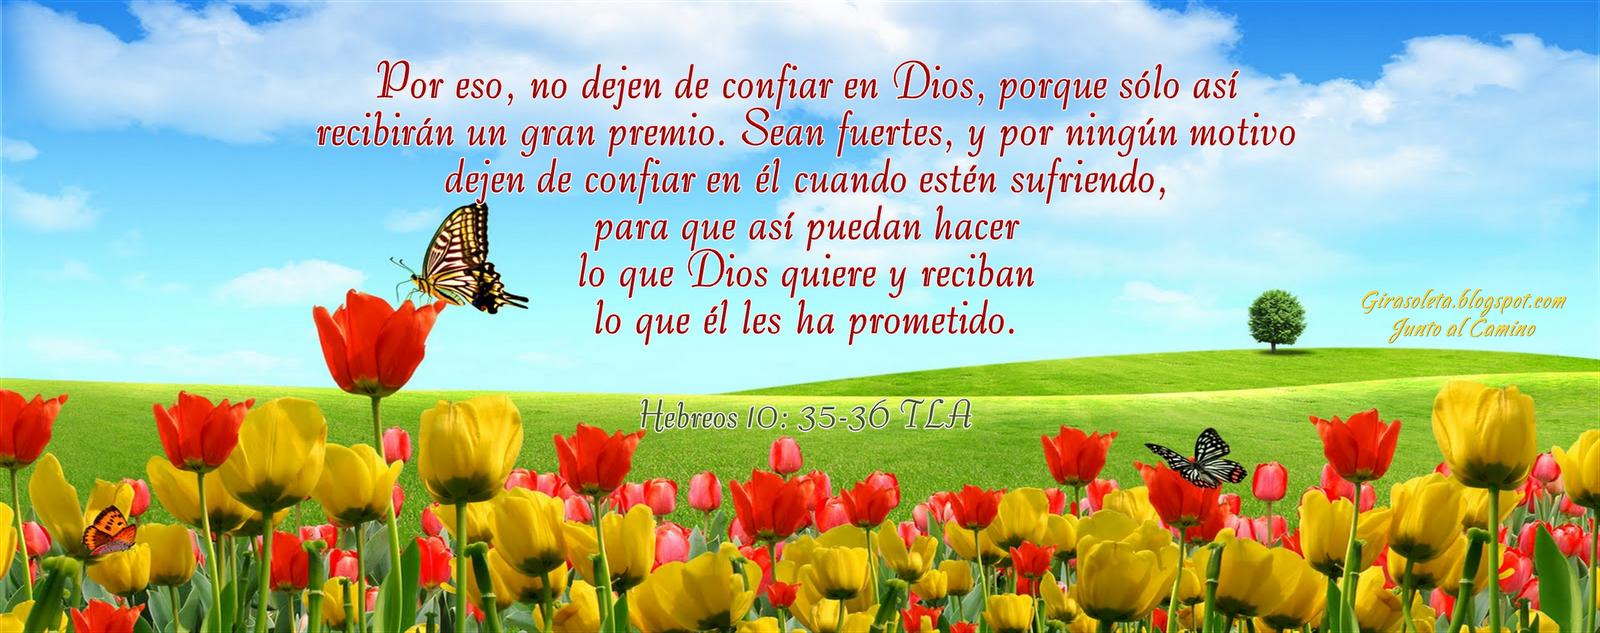 Imagenes Cristianas Reflexiones Amor Dios Mensajes Cristianos